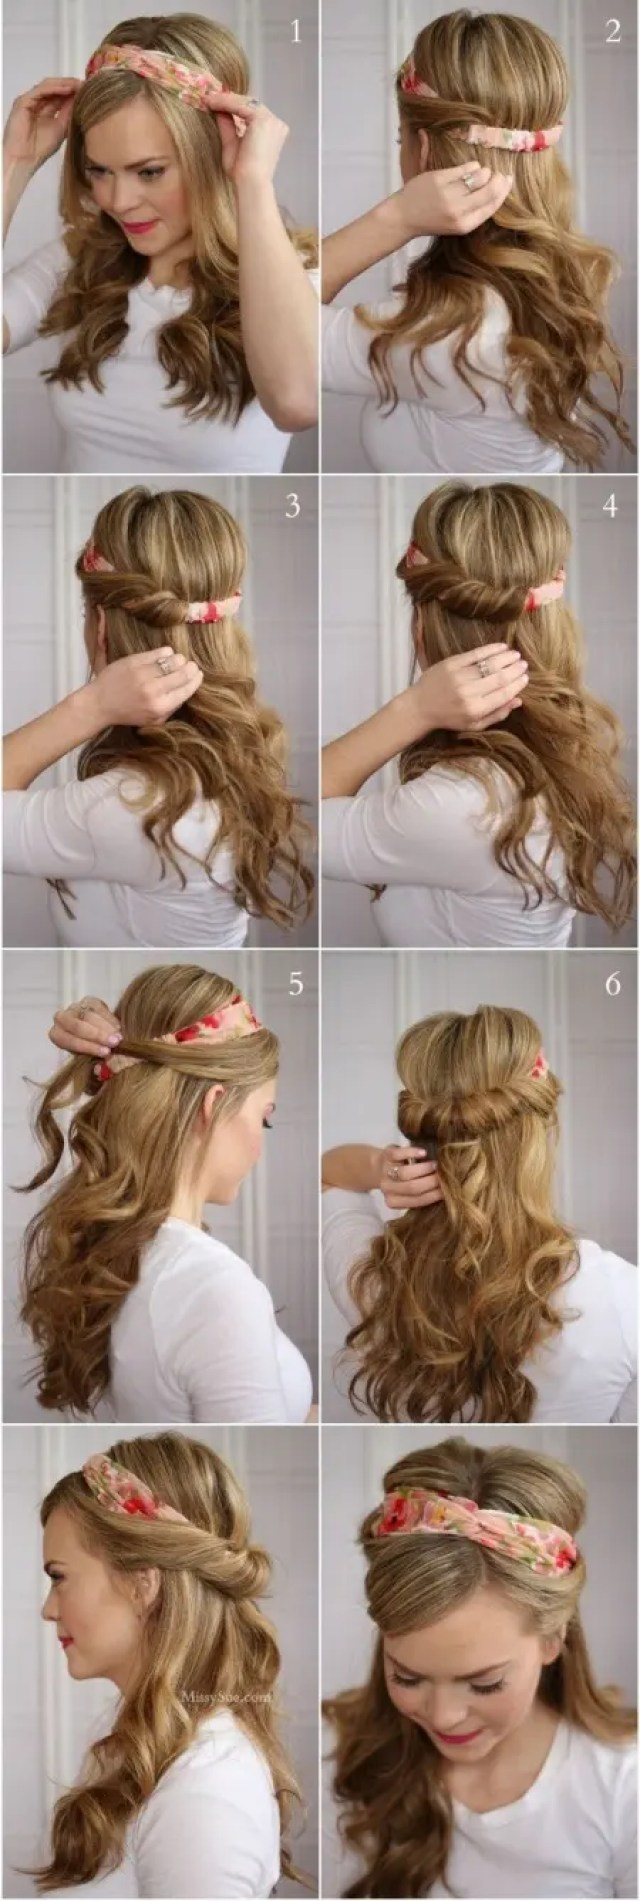 peinados-faciles-rapidos-5